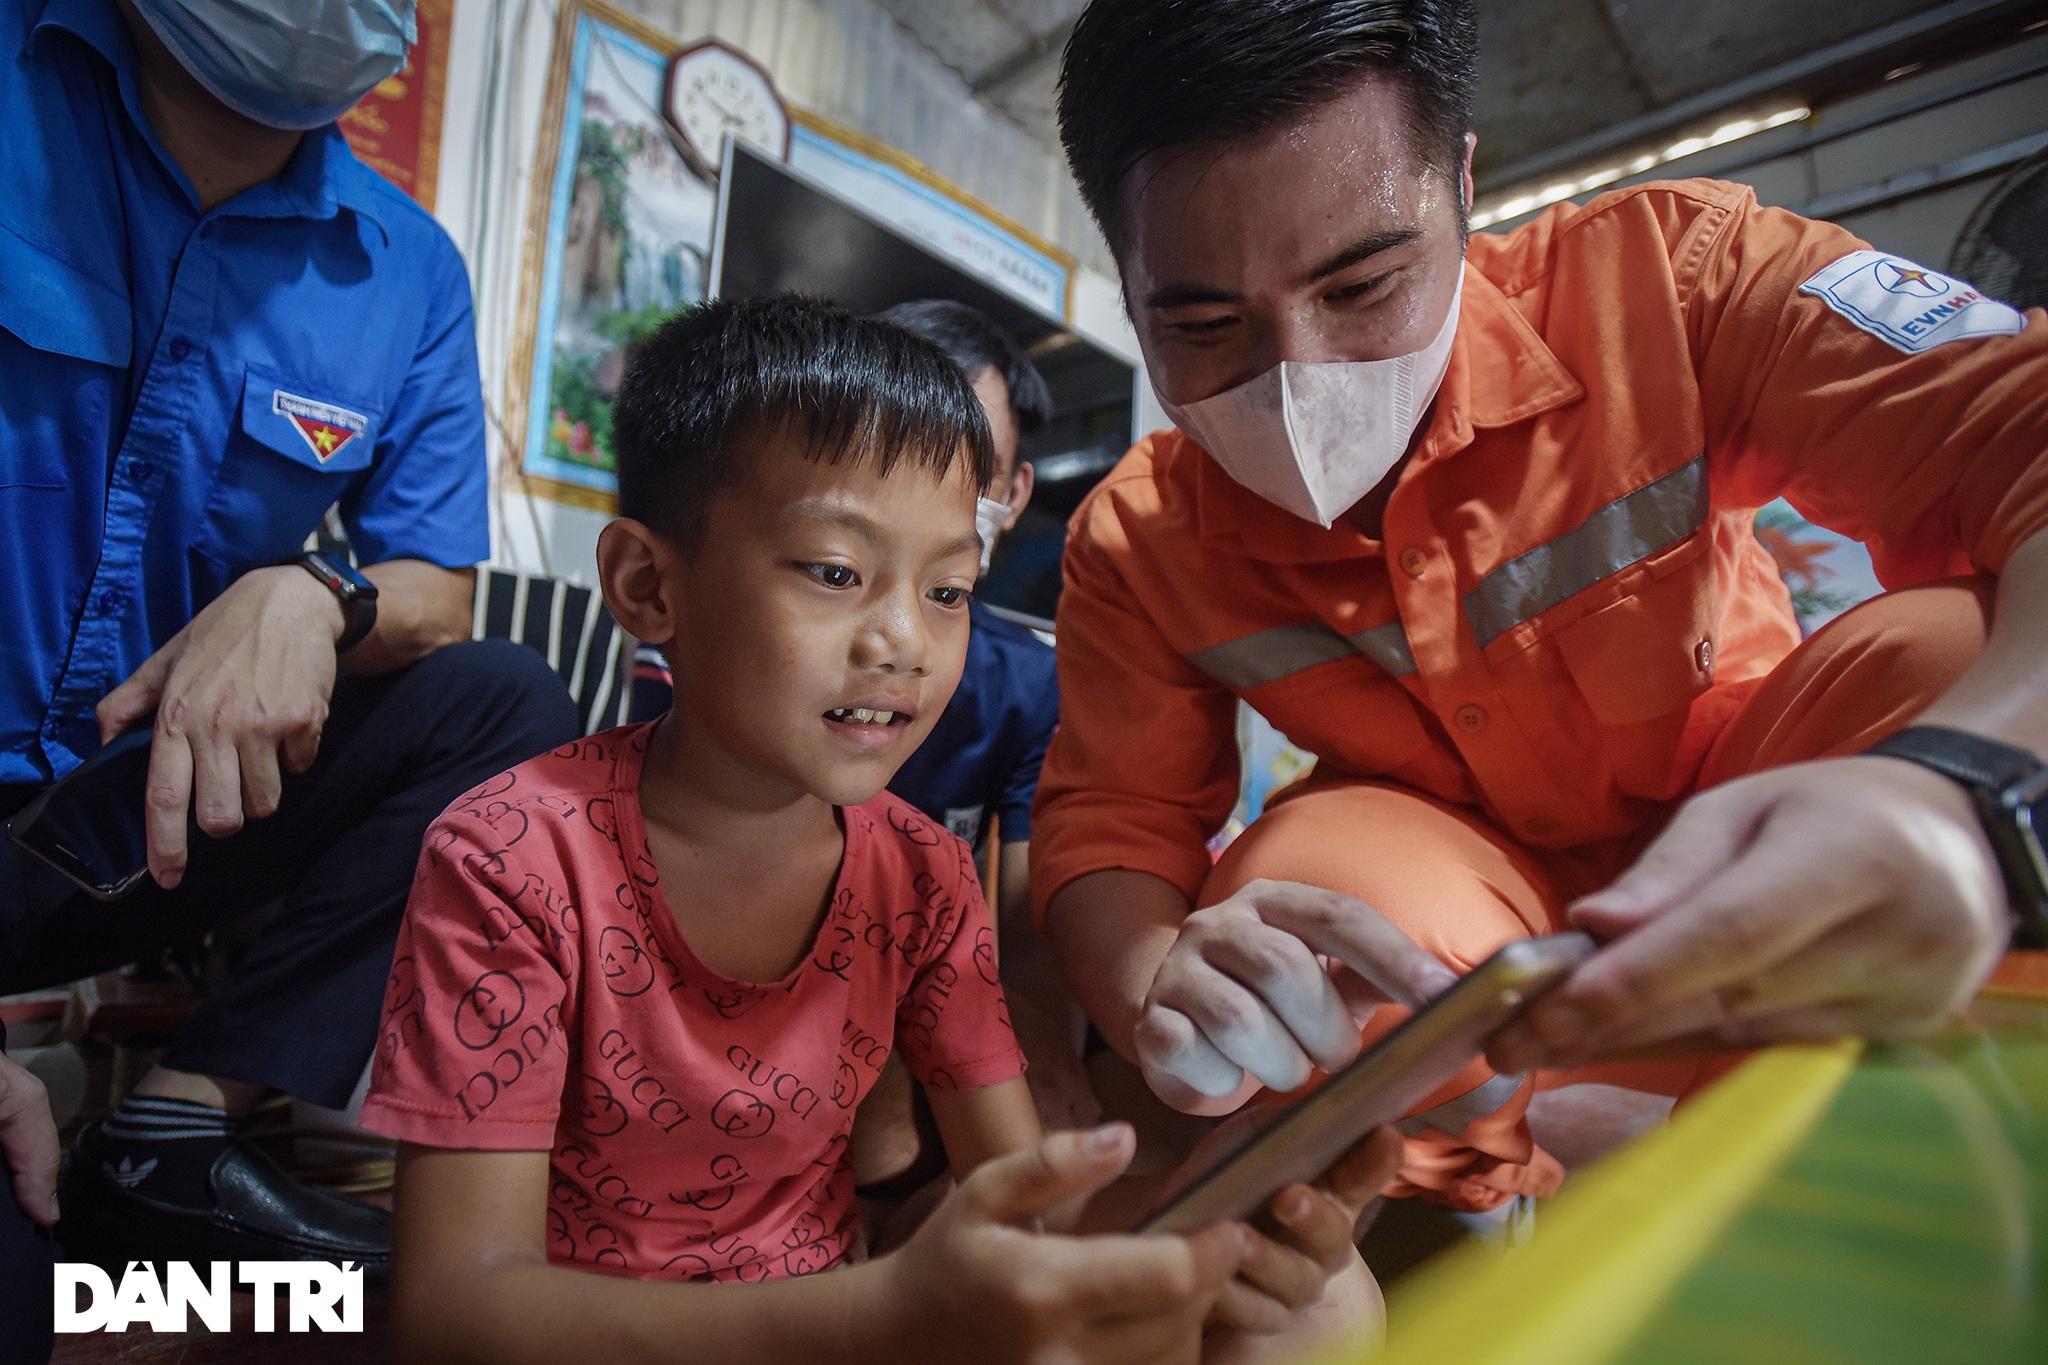 25 máy tính, tablet - Quà Trung thu đặc biệt với trẻ em làng chài sông Hồng - 13